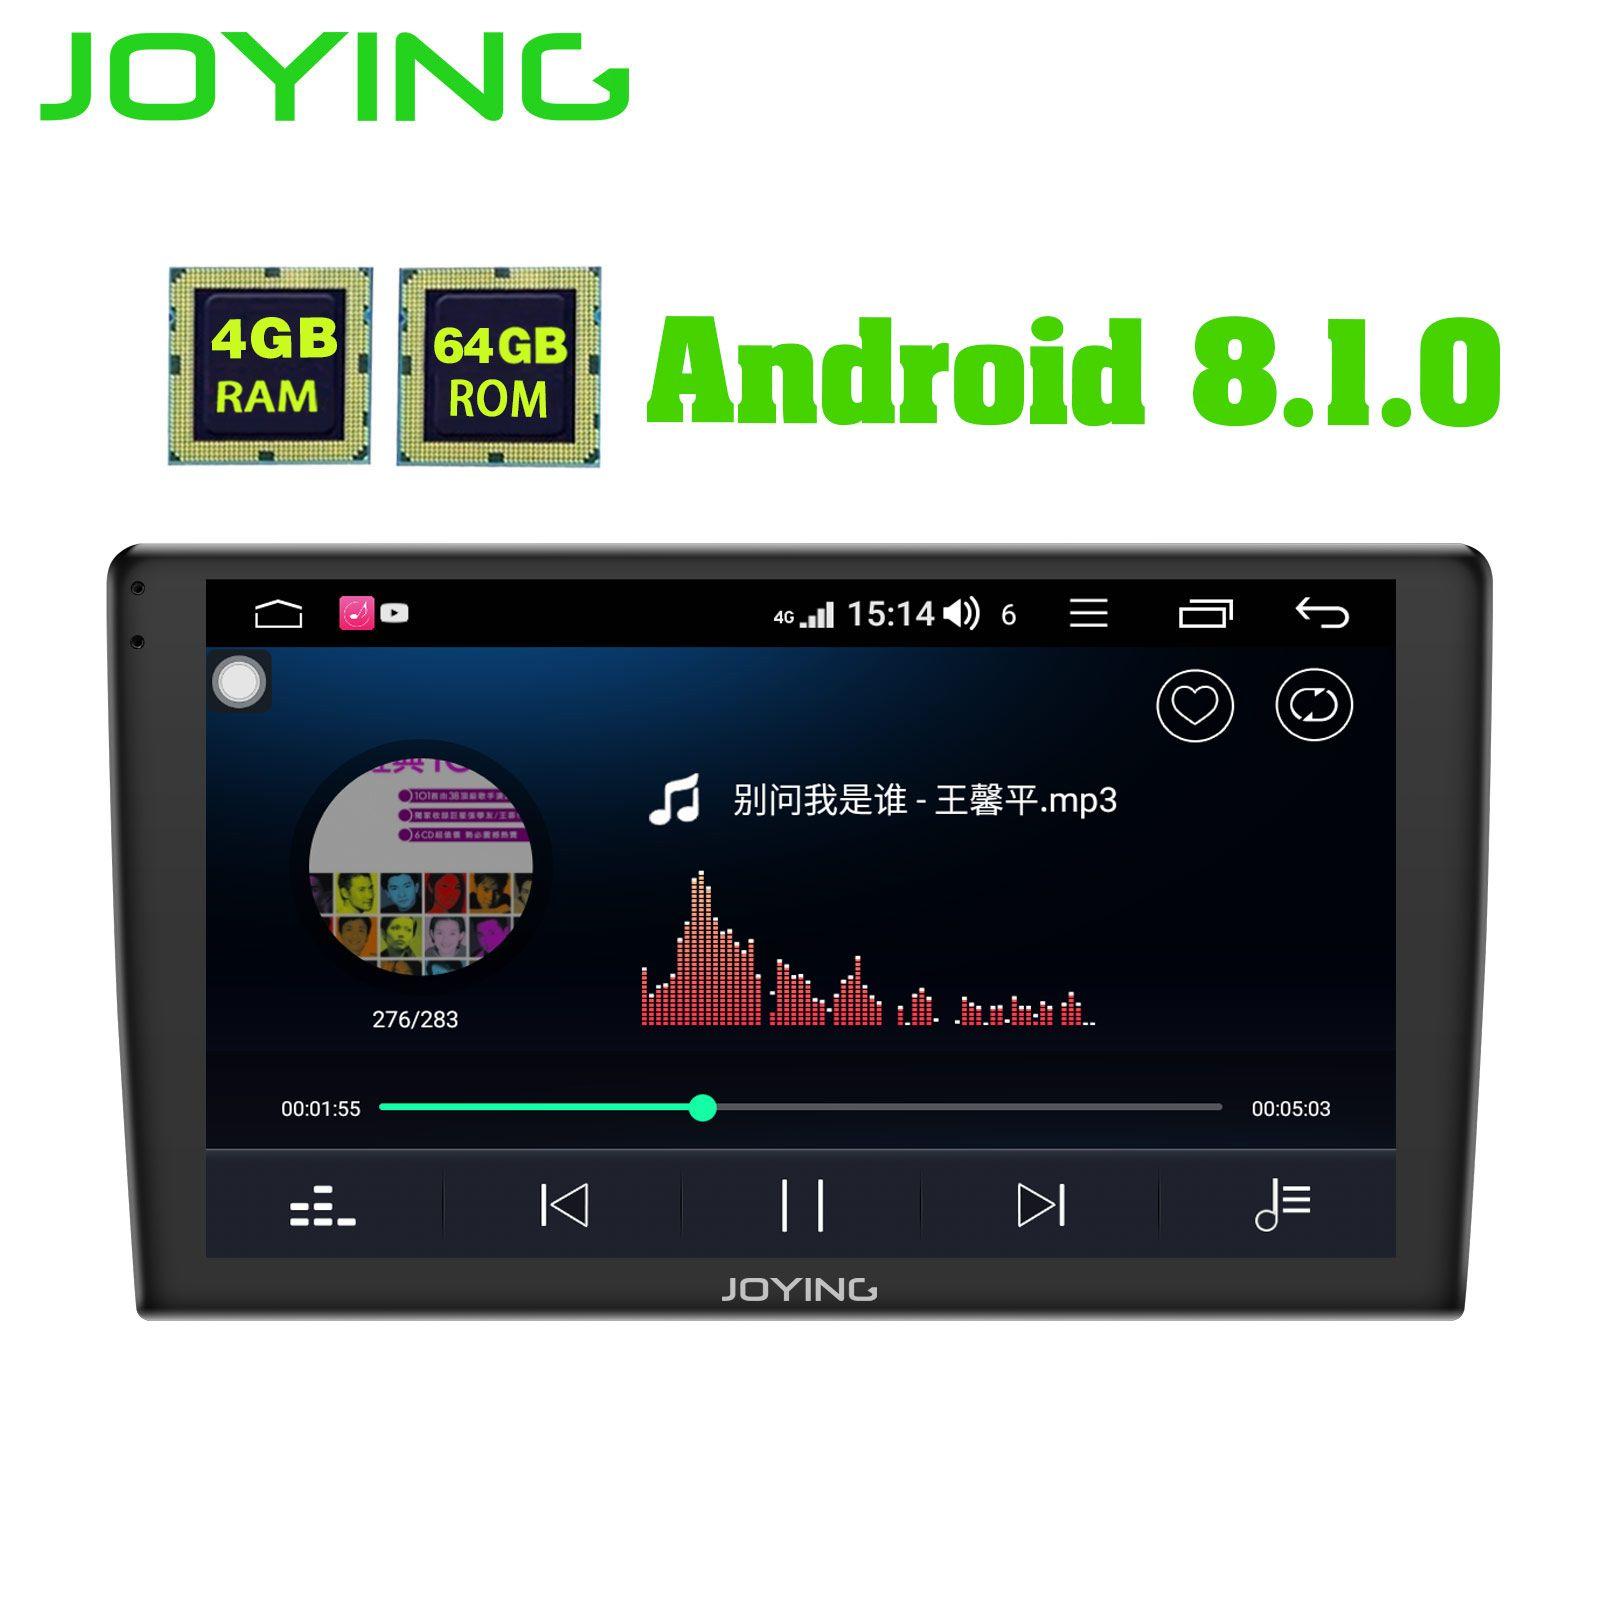 JOYING auto radio Android 8.1 4G + 64GB 9 zoll einzel din 2.5D Bildschirm GPS player audio unterstützung 4G DSP Wireless Carplay Autoradio BT